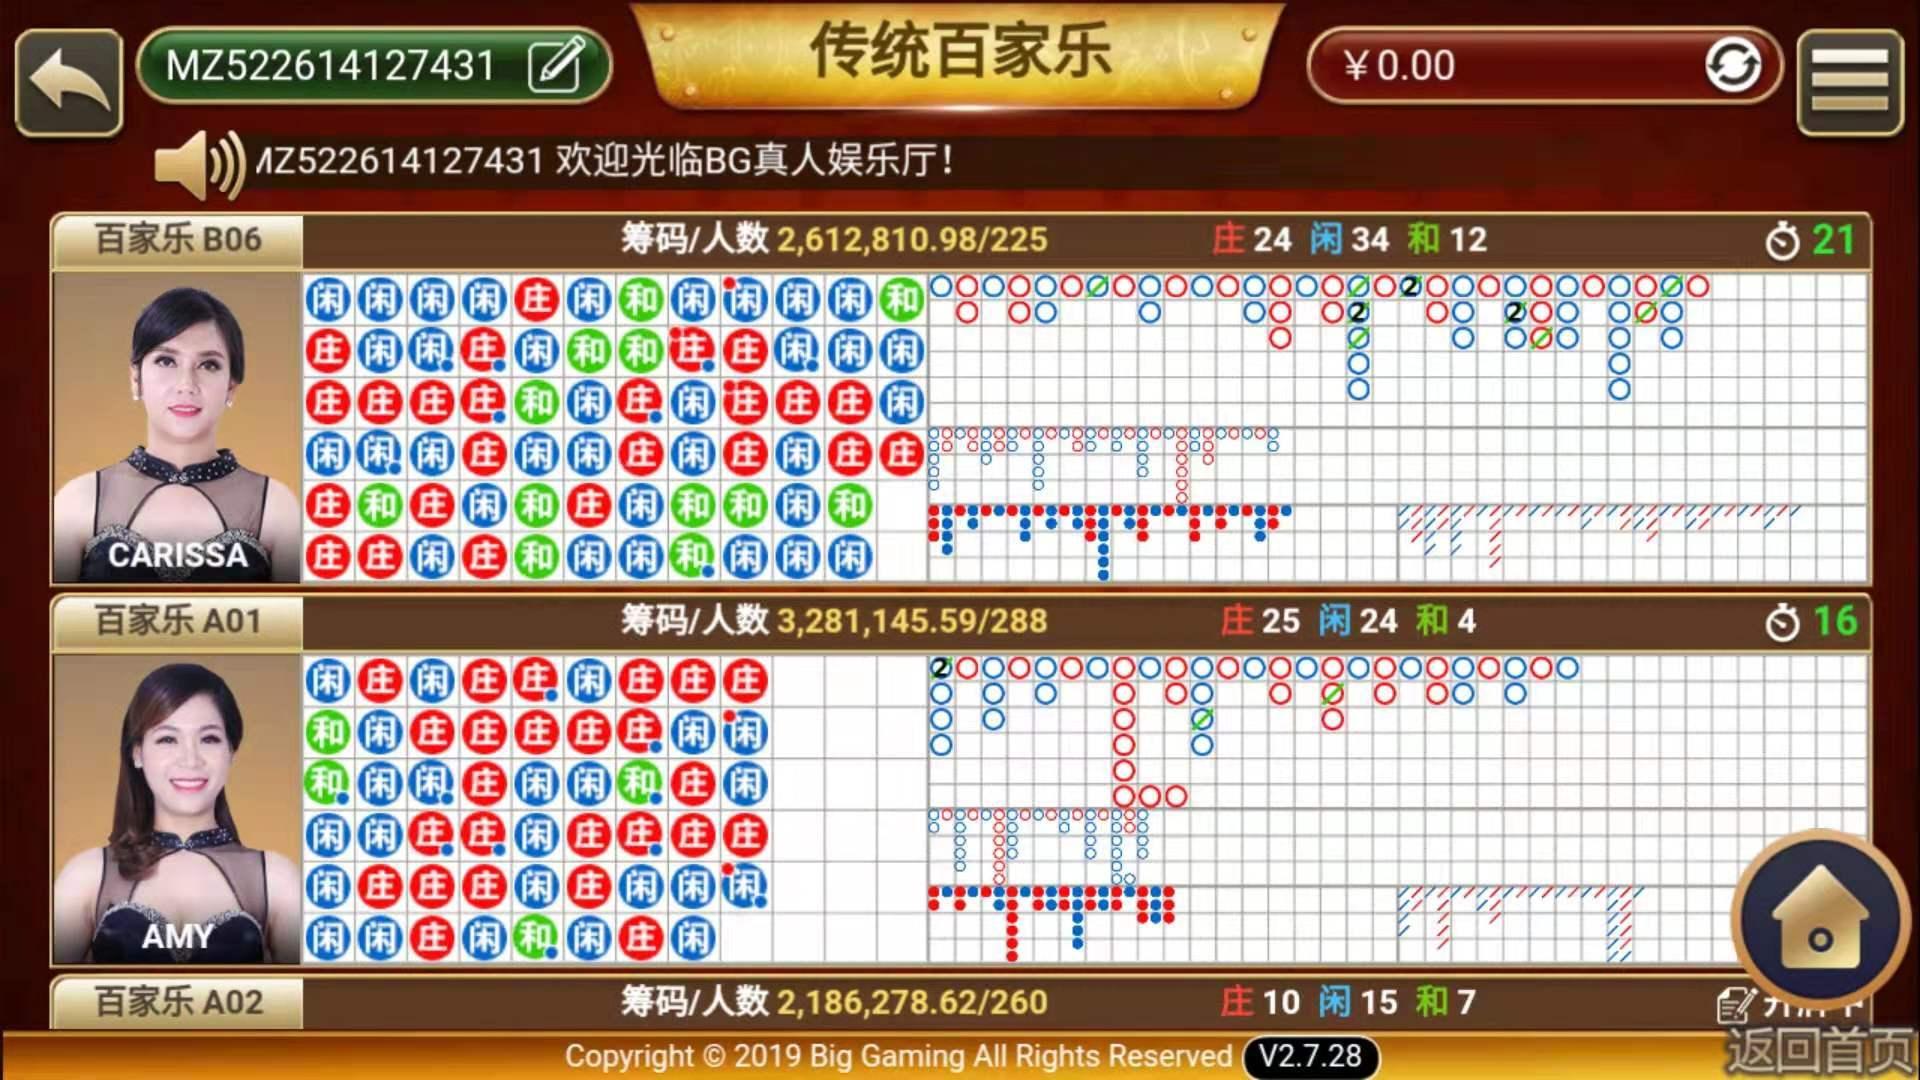 猫娱乐刀锋版棋牌源码插图(7)